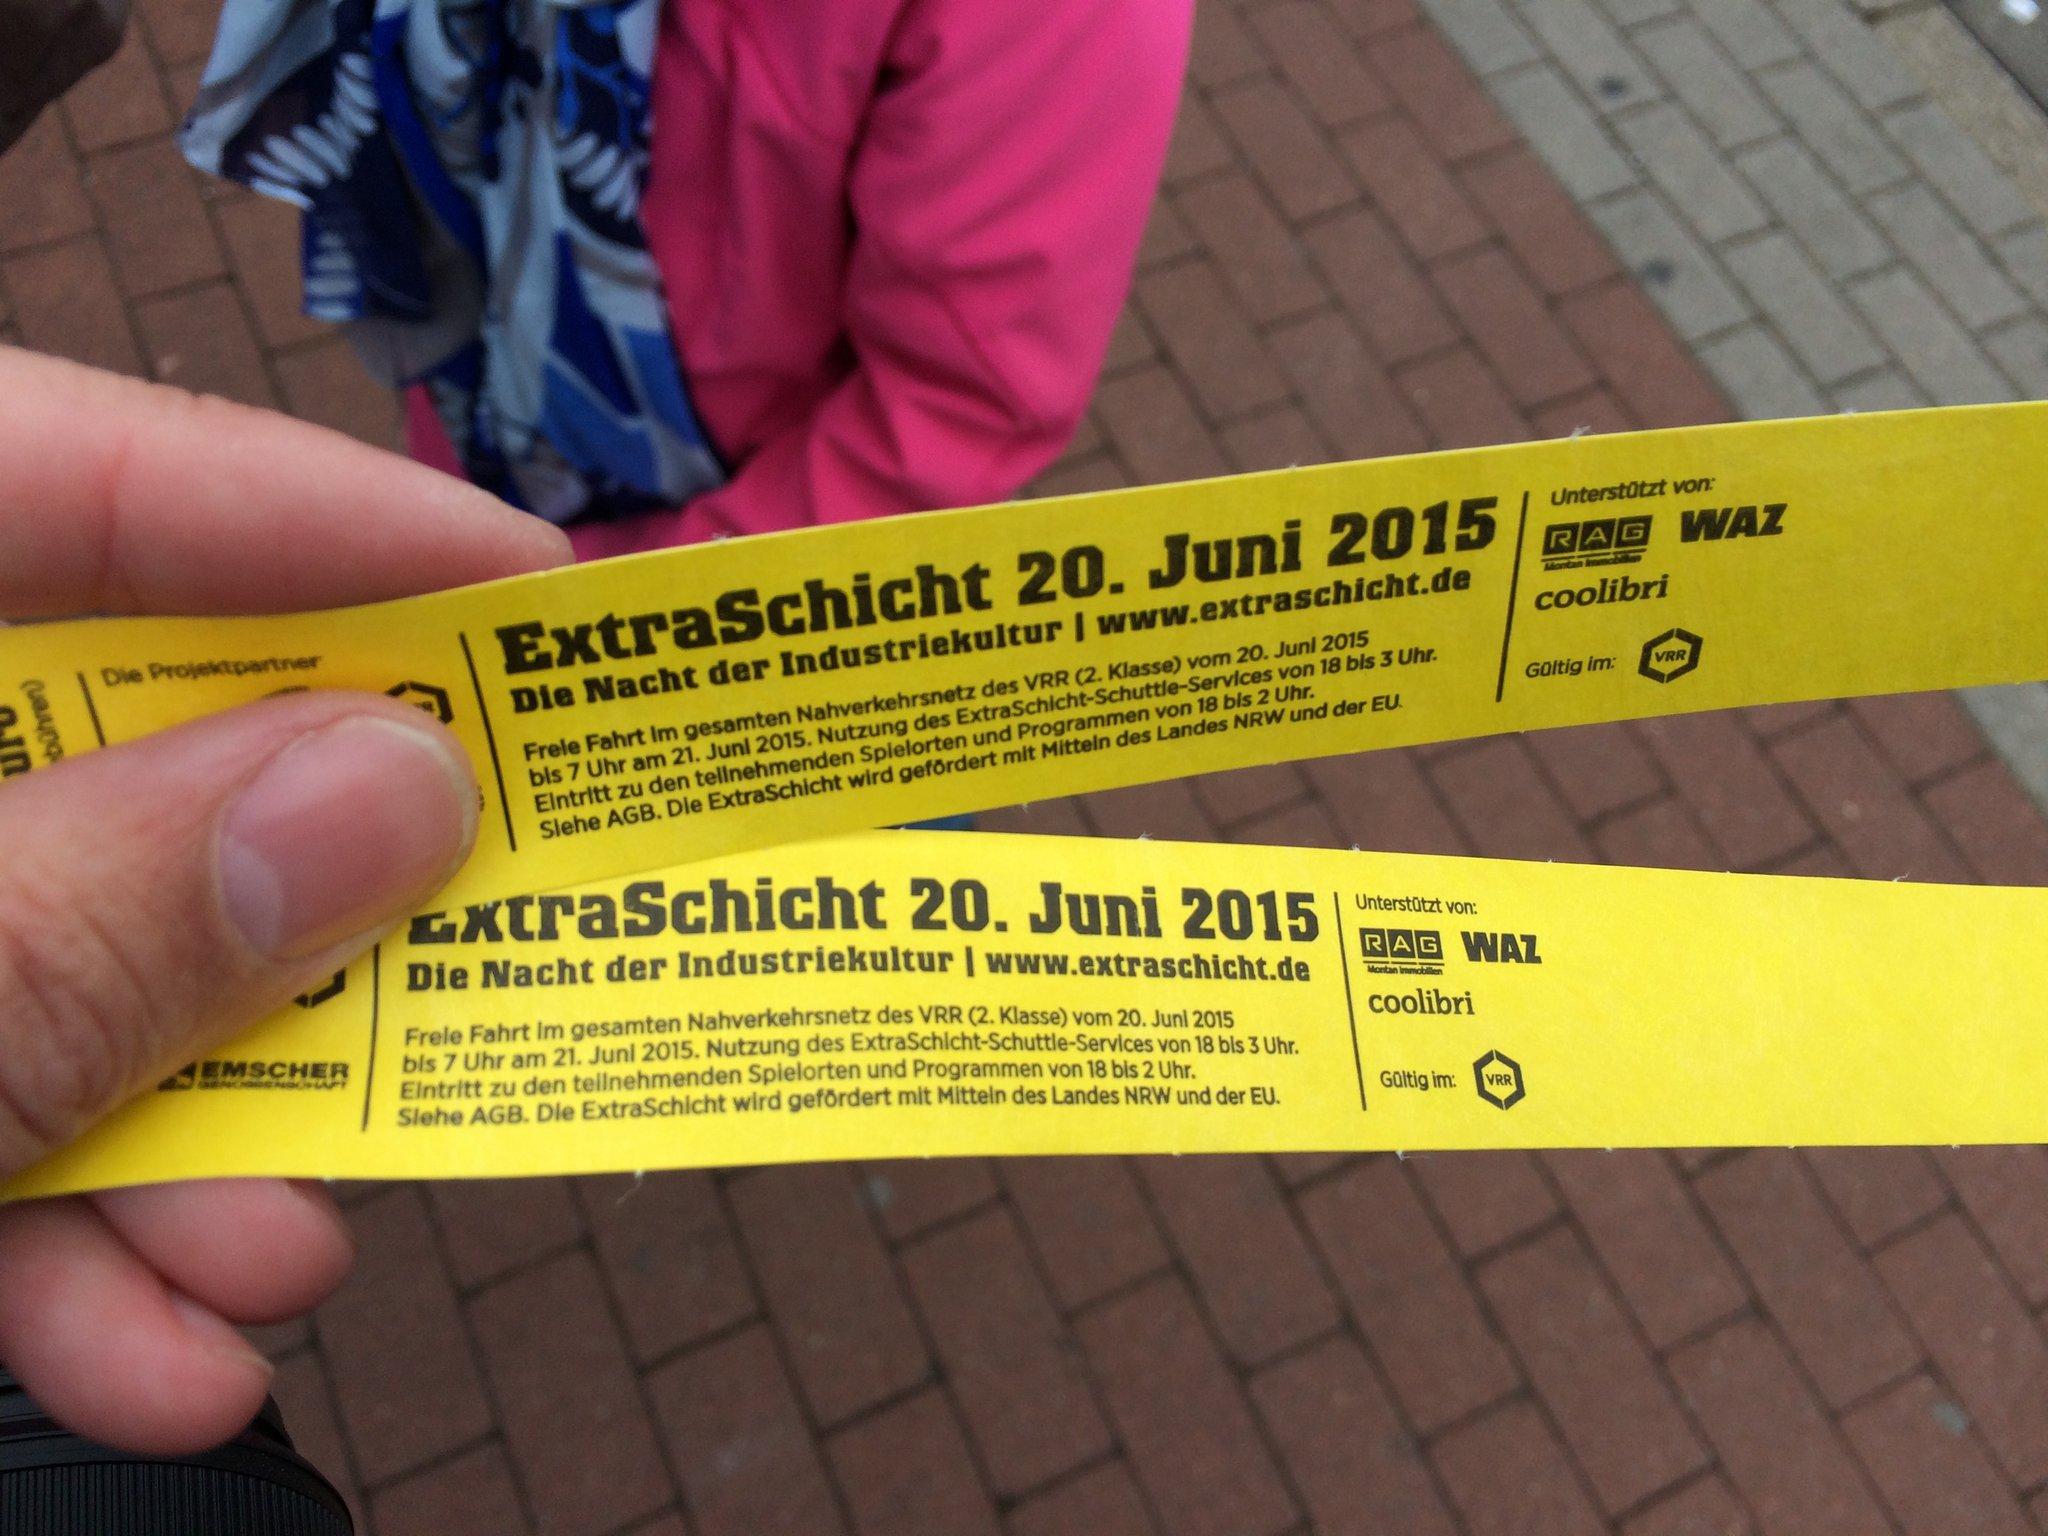 Extraschicht, Extraschicht – Duisburg und Mülheim an der Ruhr